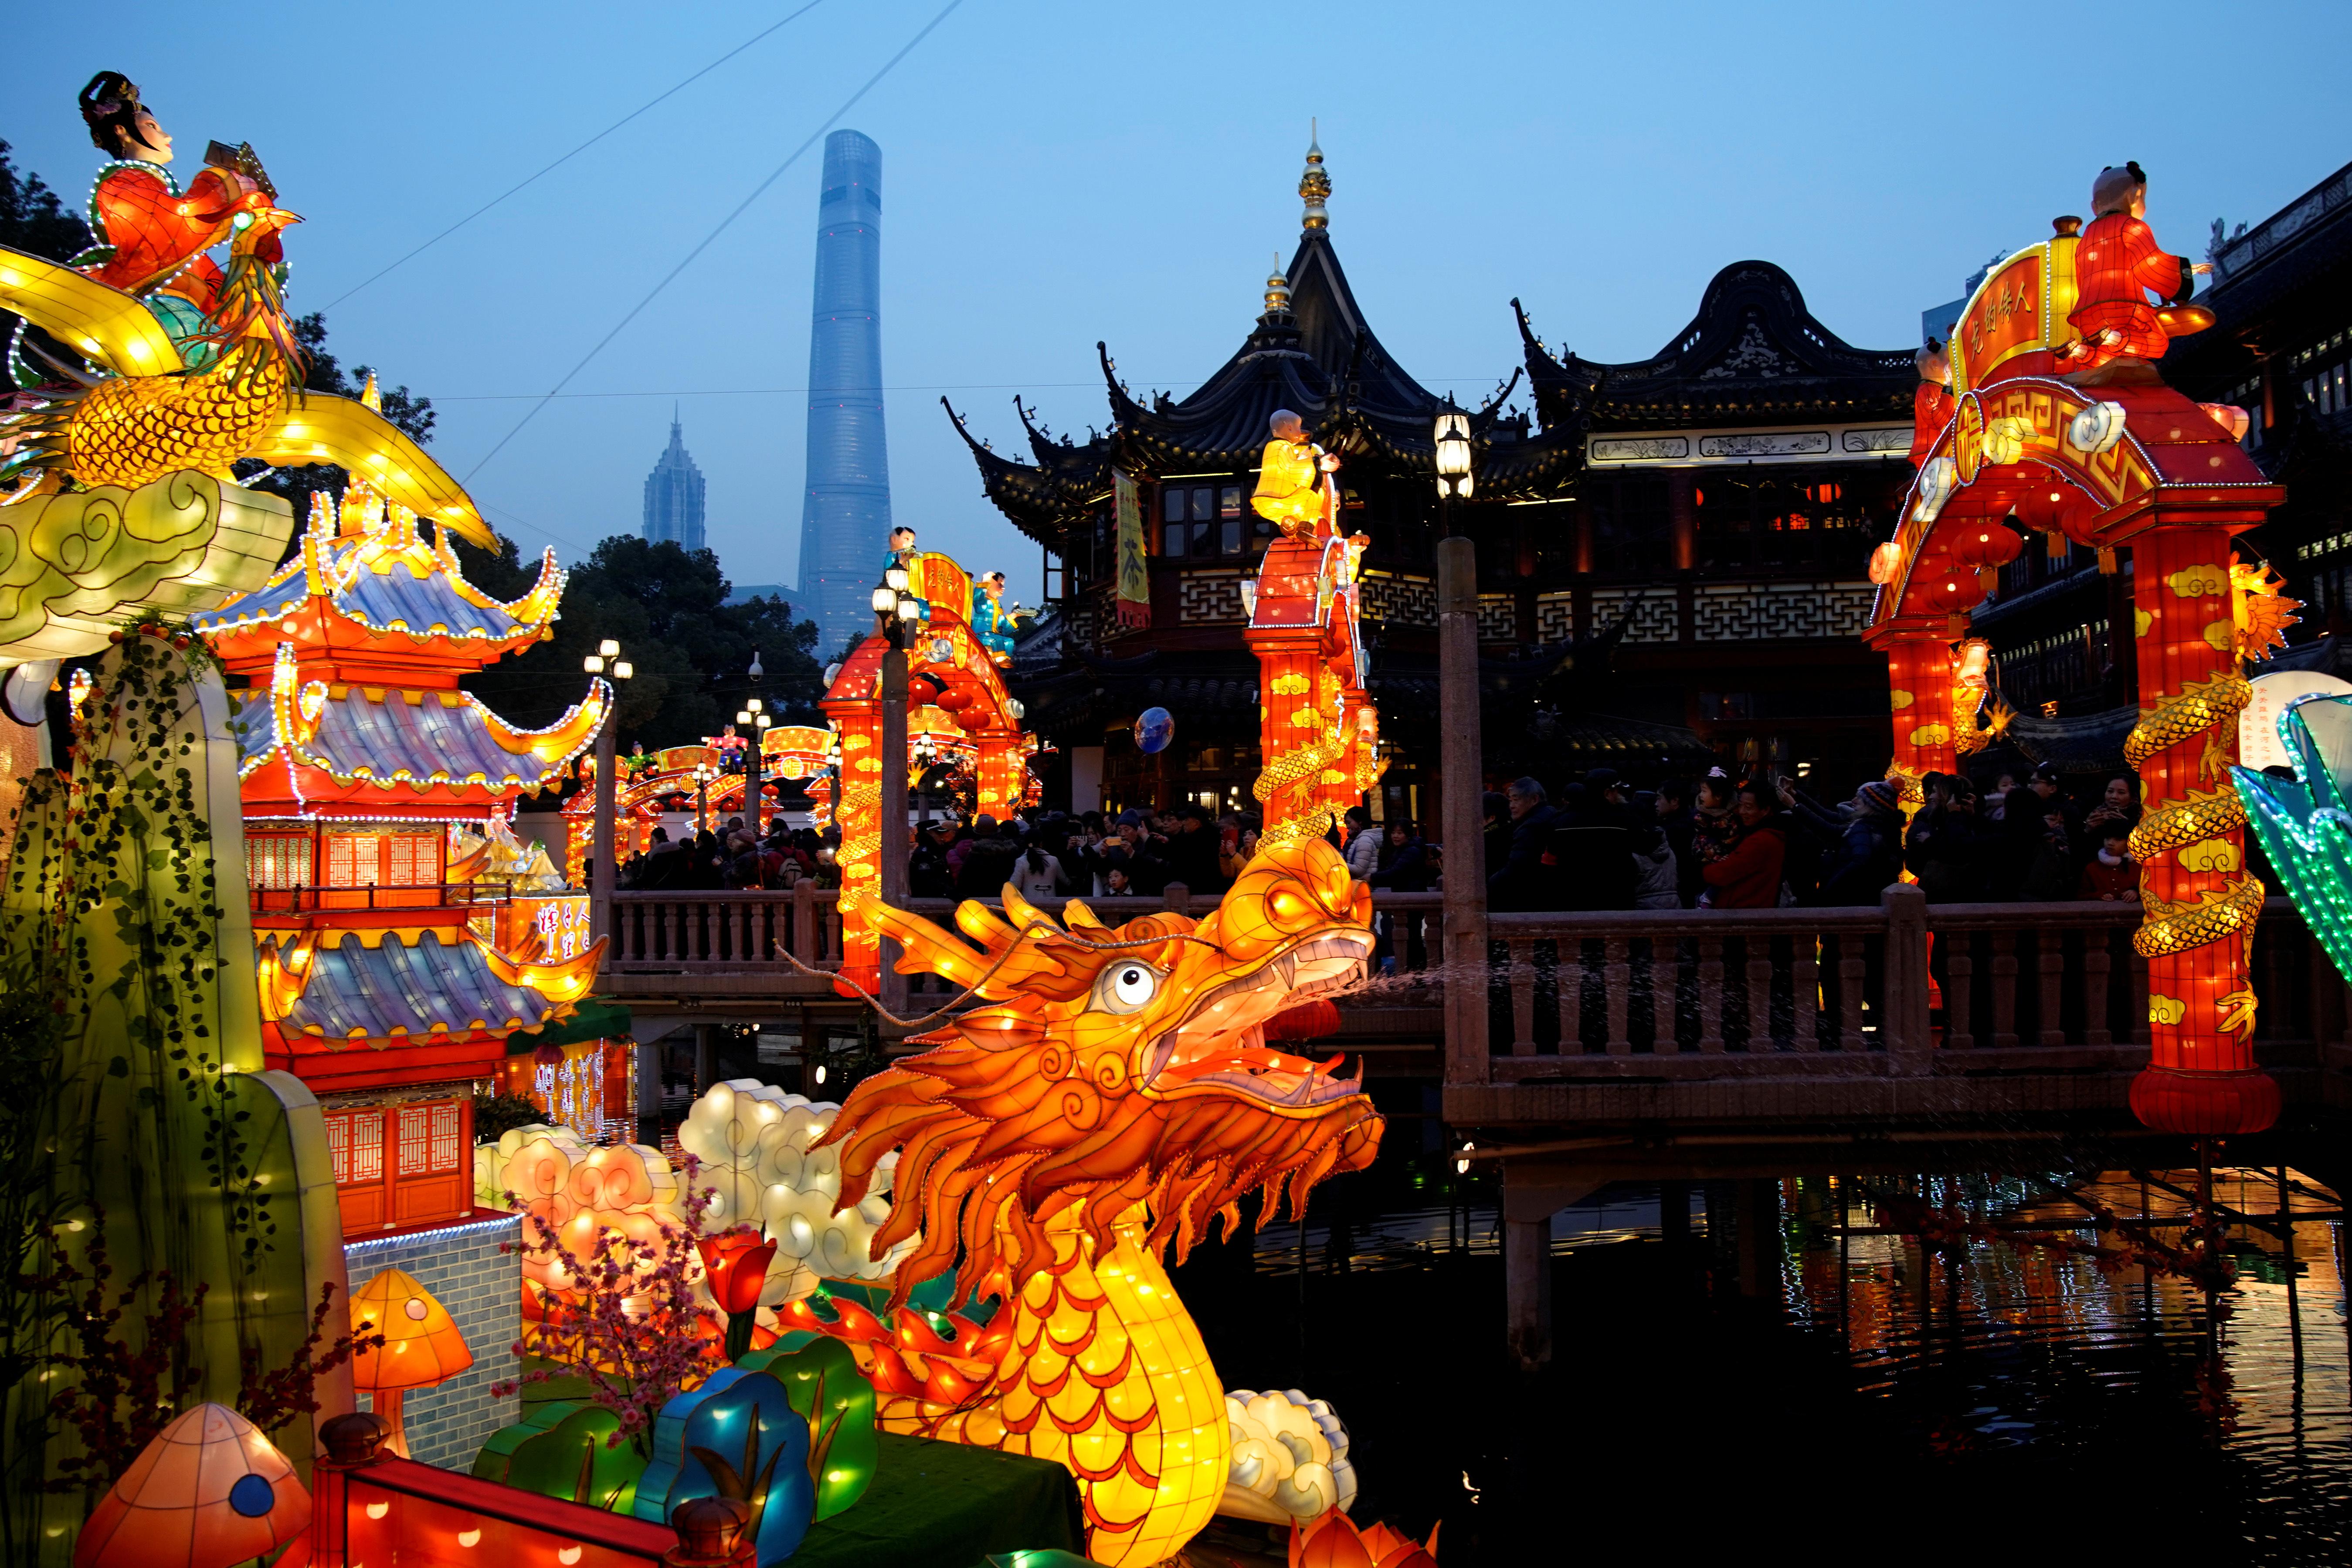 الصين تستعد للاحتفال بالسنة القمرية